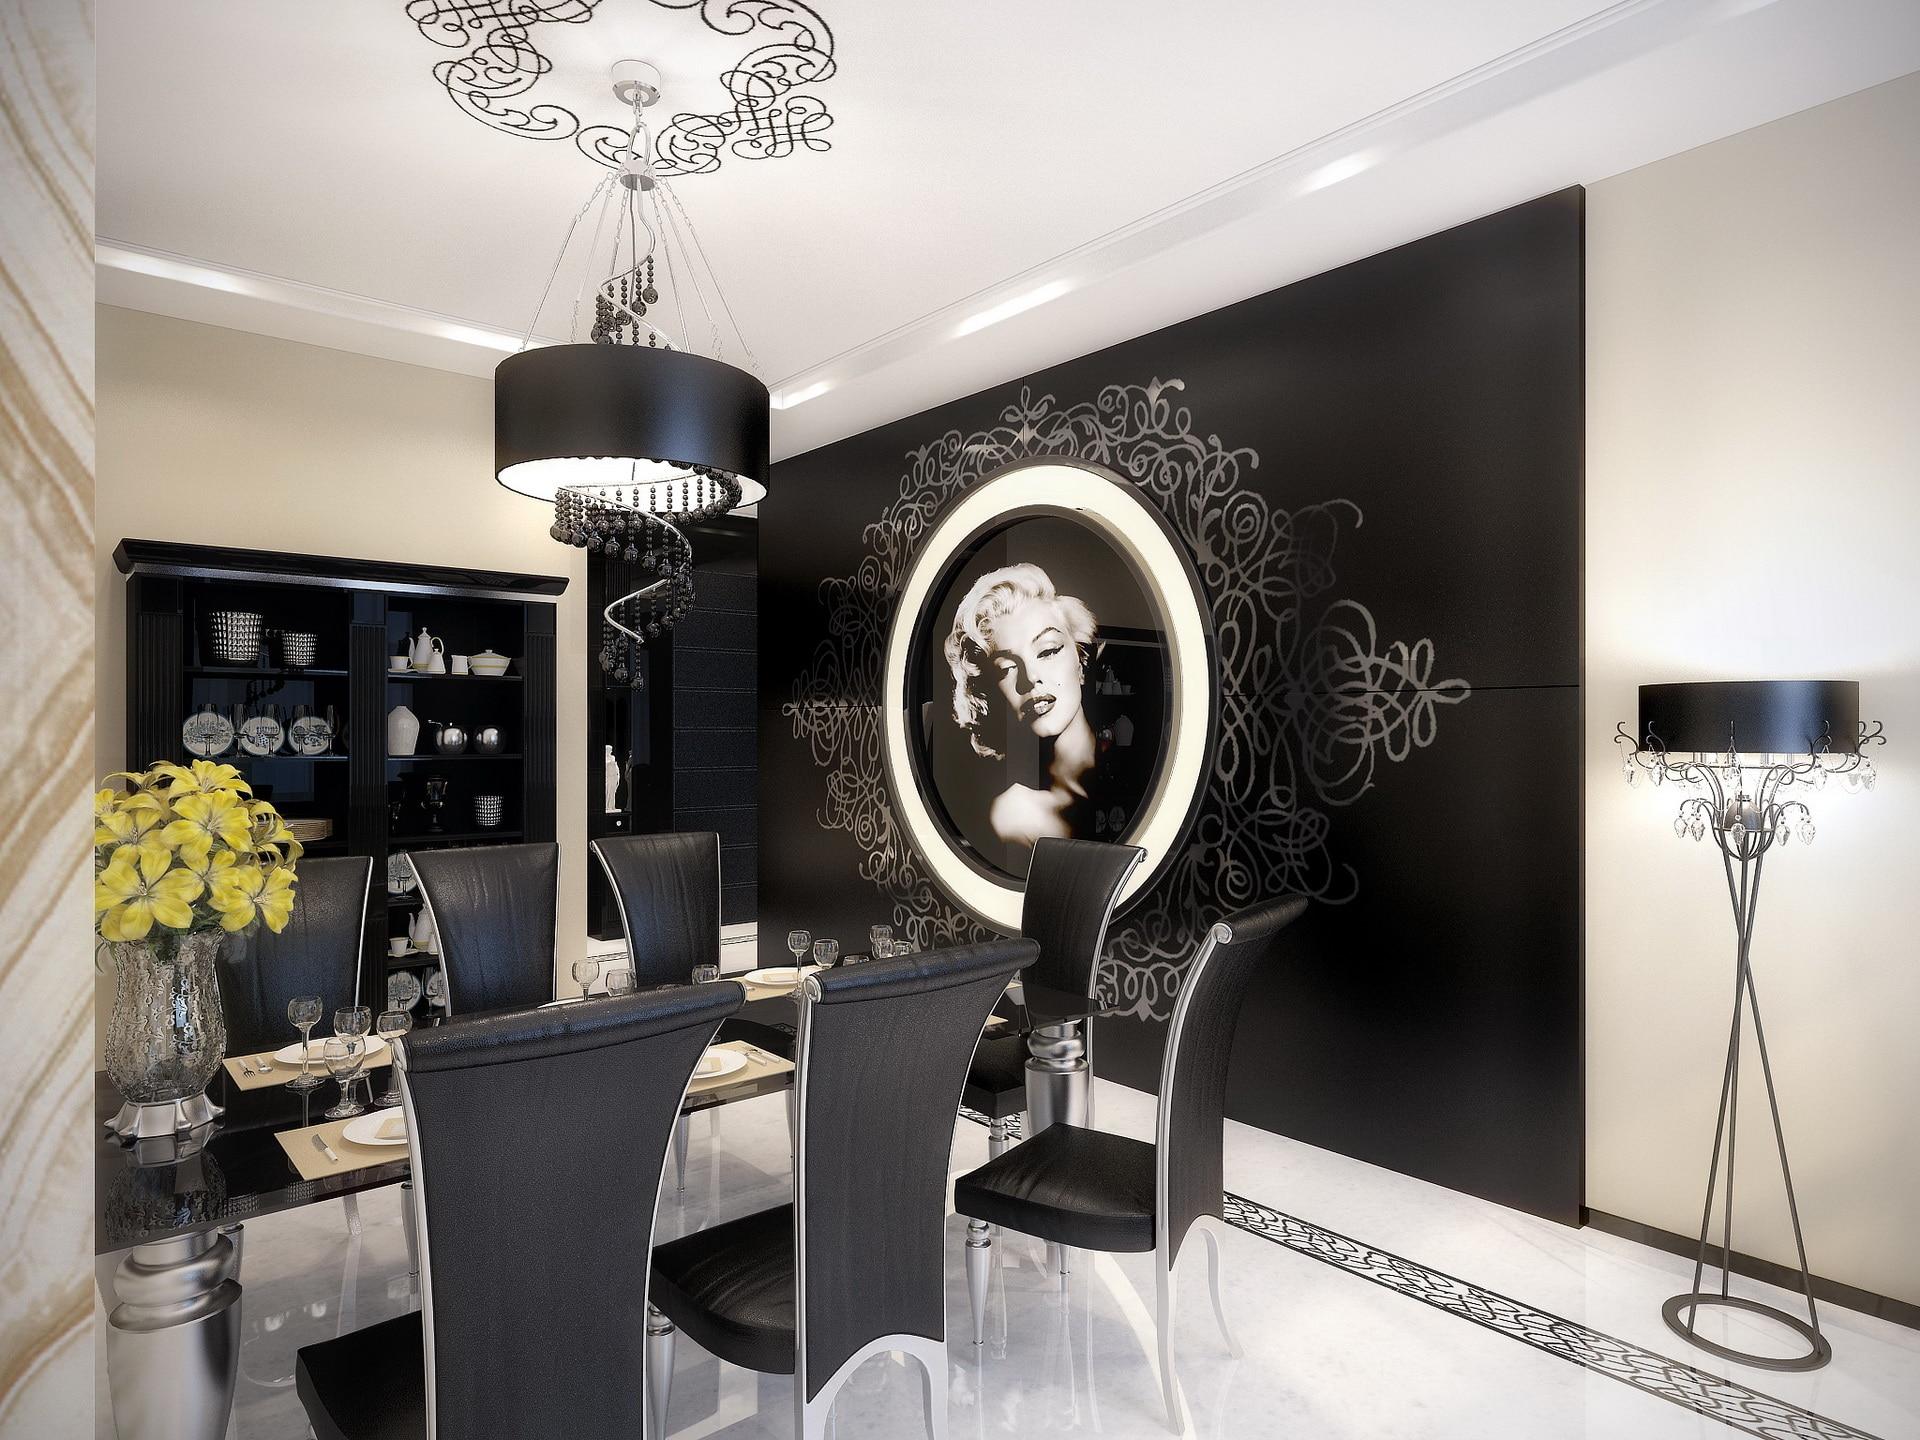 diseo de comedor estilo retro con sillas negras y paredes con cuadros antiguos